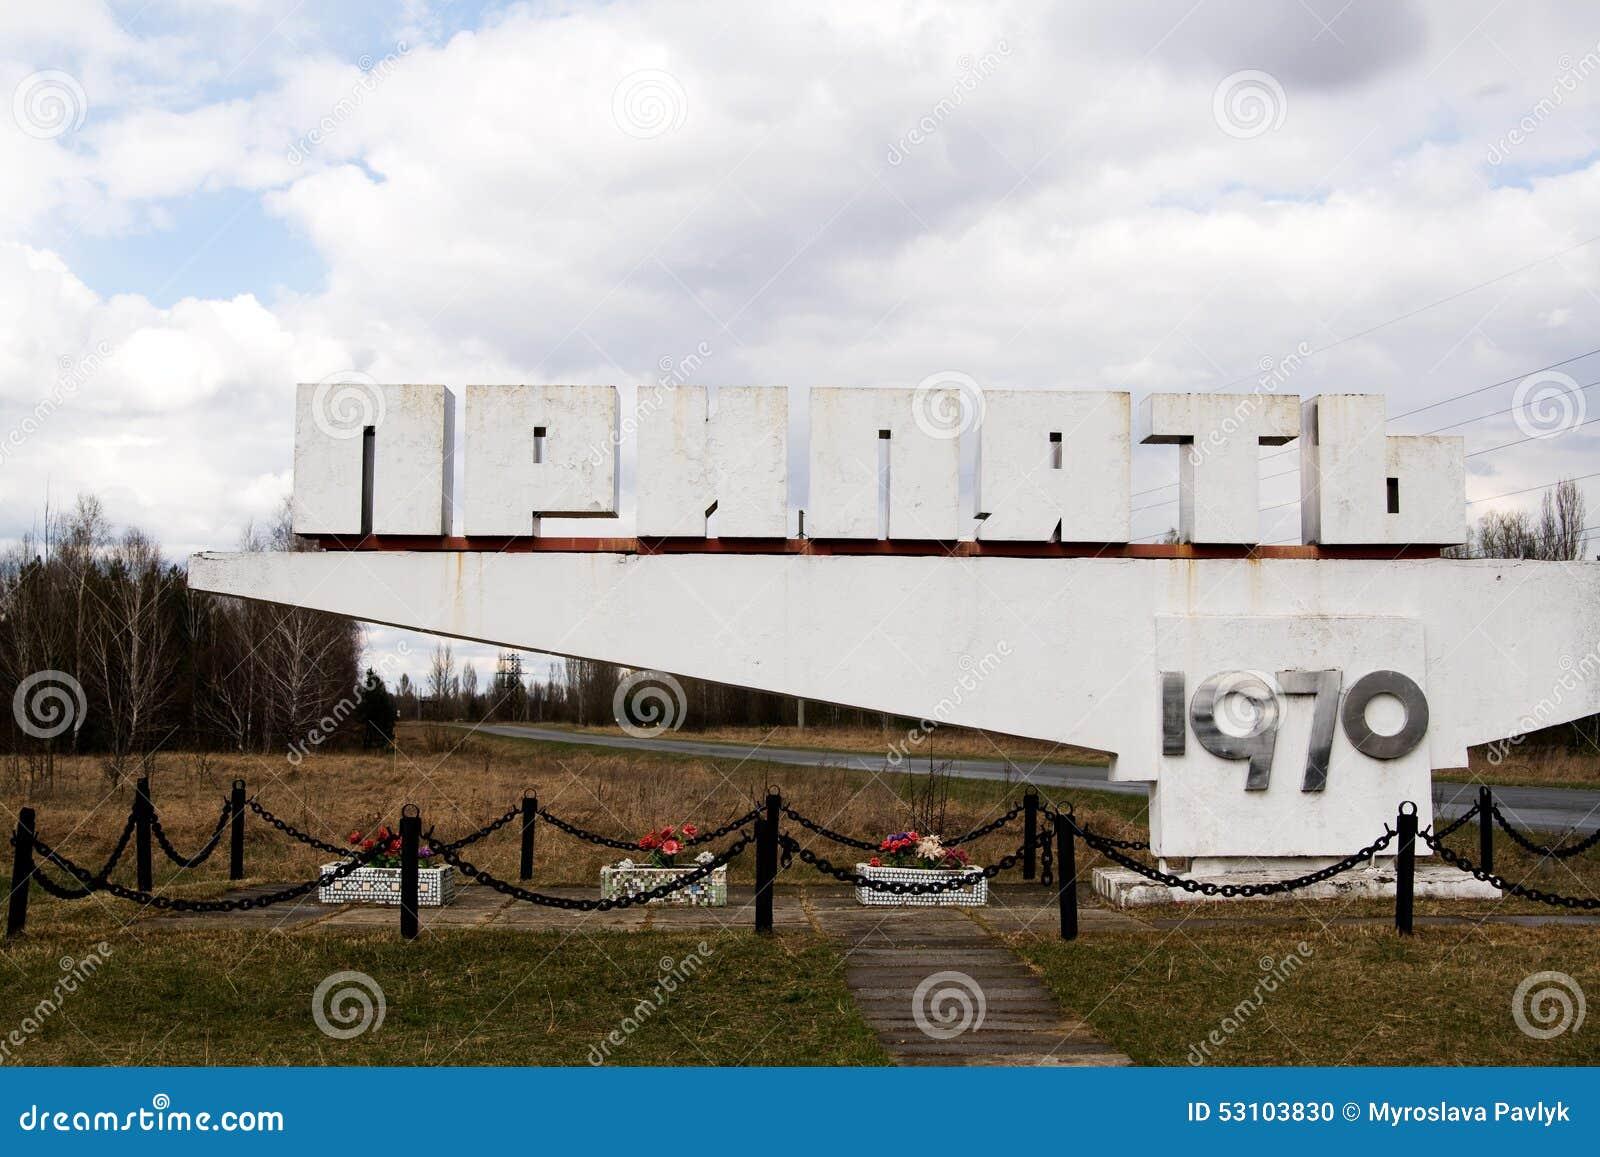 Pripyat sign. Chernobyl area. Lost city Pripyat. Ukraine.